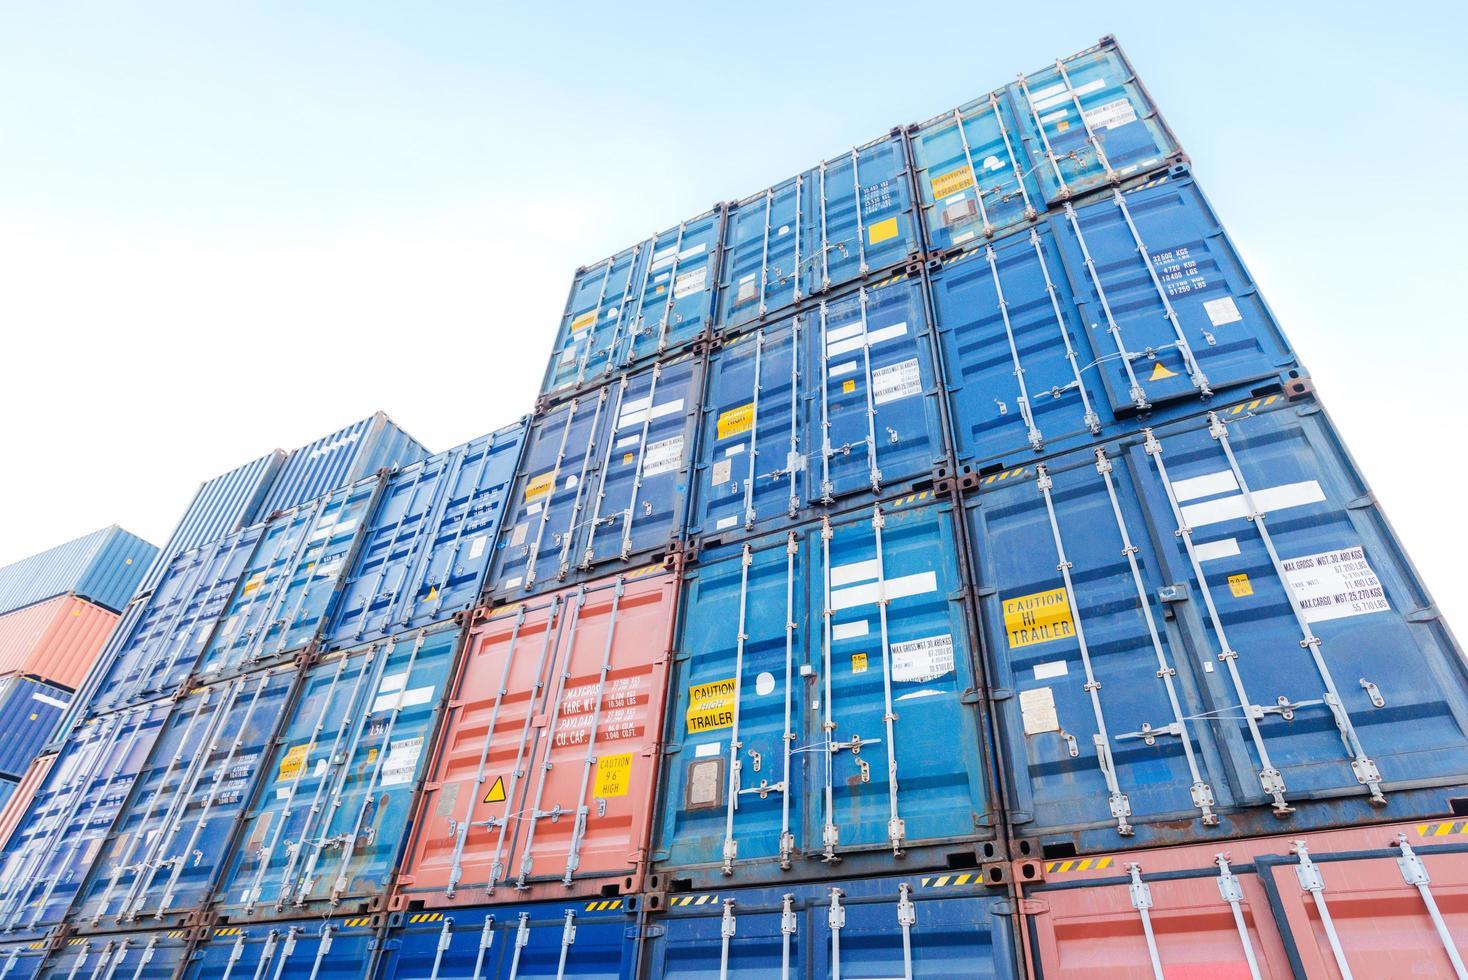 Stapel von Containerkästen in der Werft foto